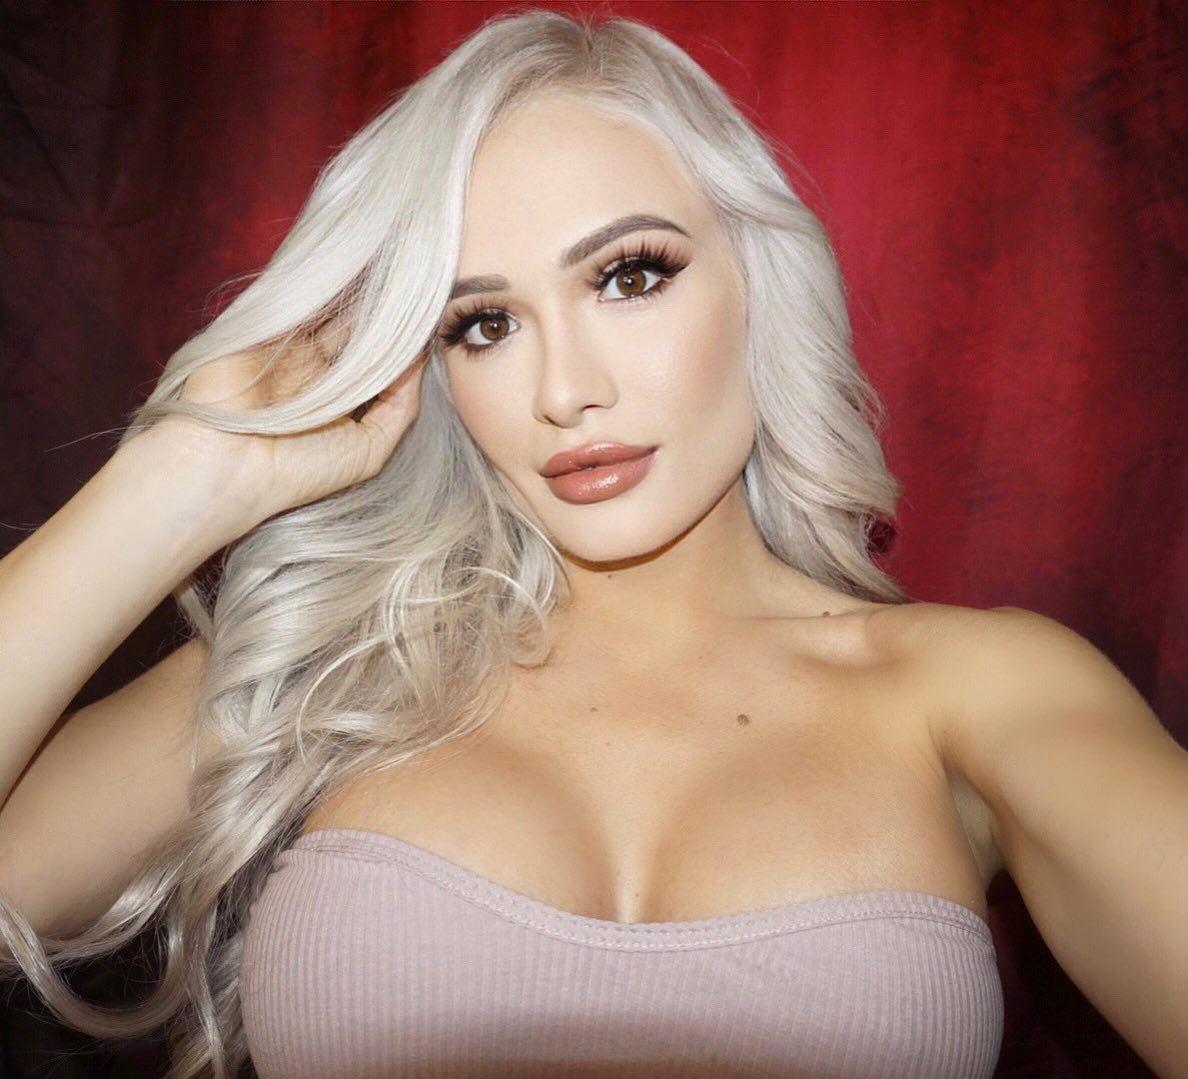 WWE Fans In For Scarlett's Raw Debut After Karrion Kross' Loss 100